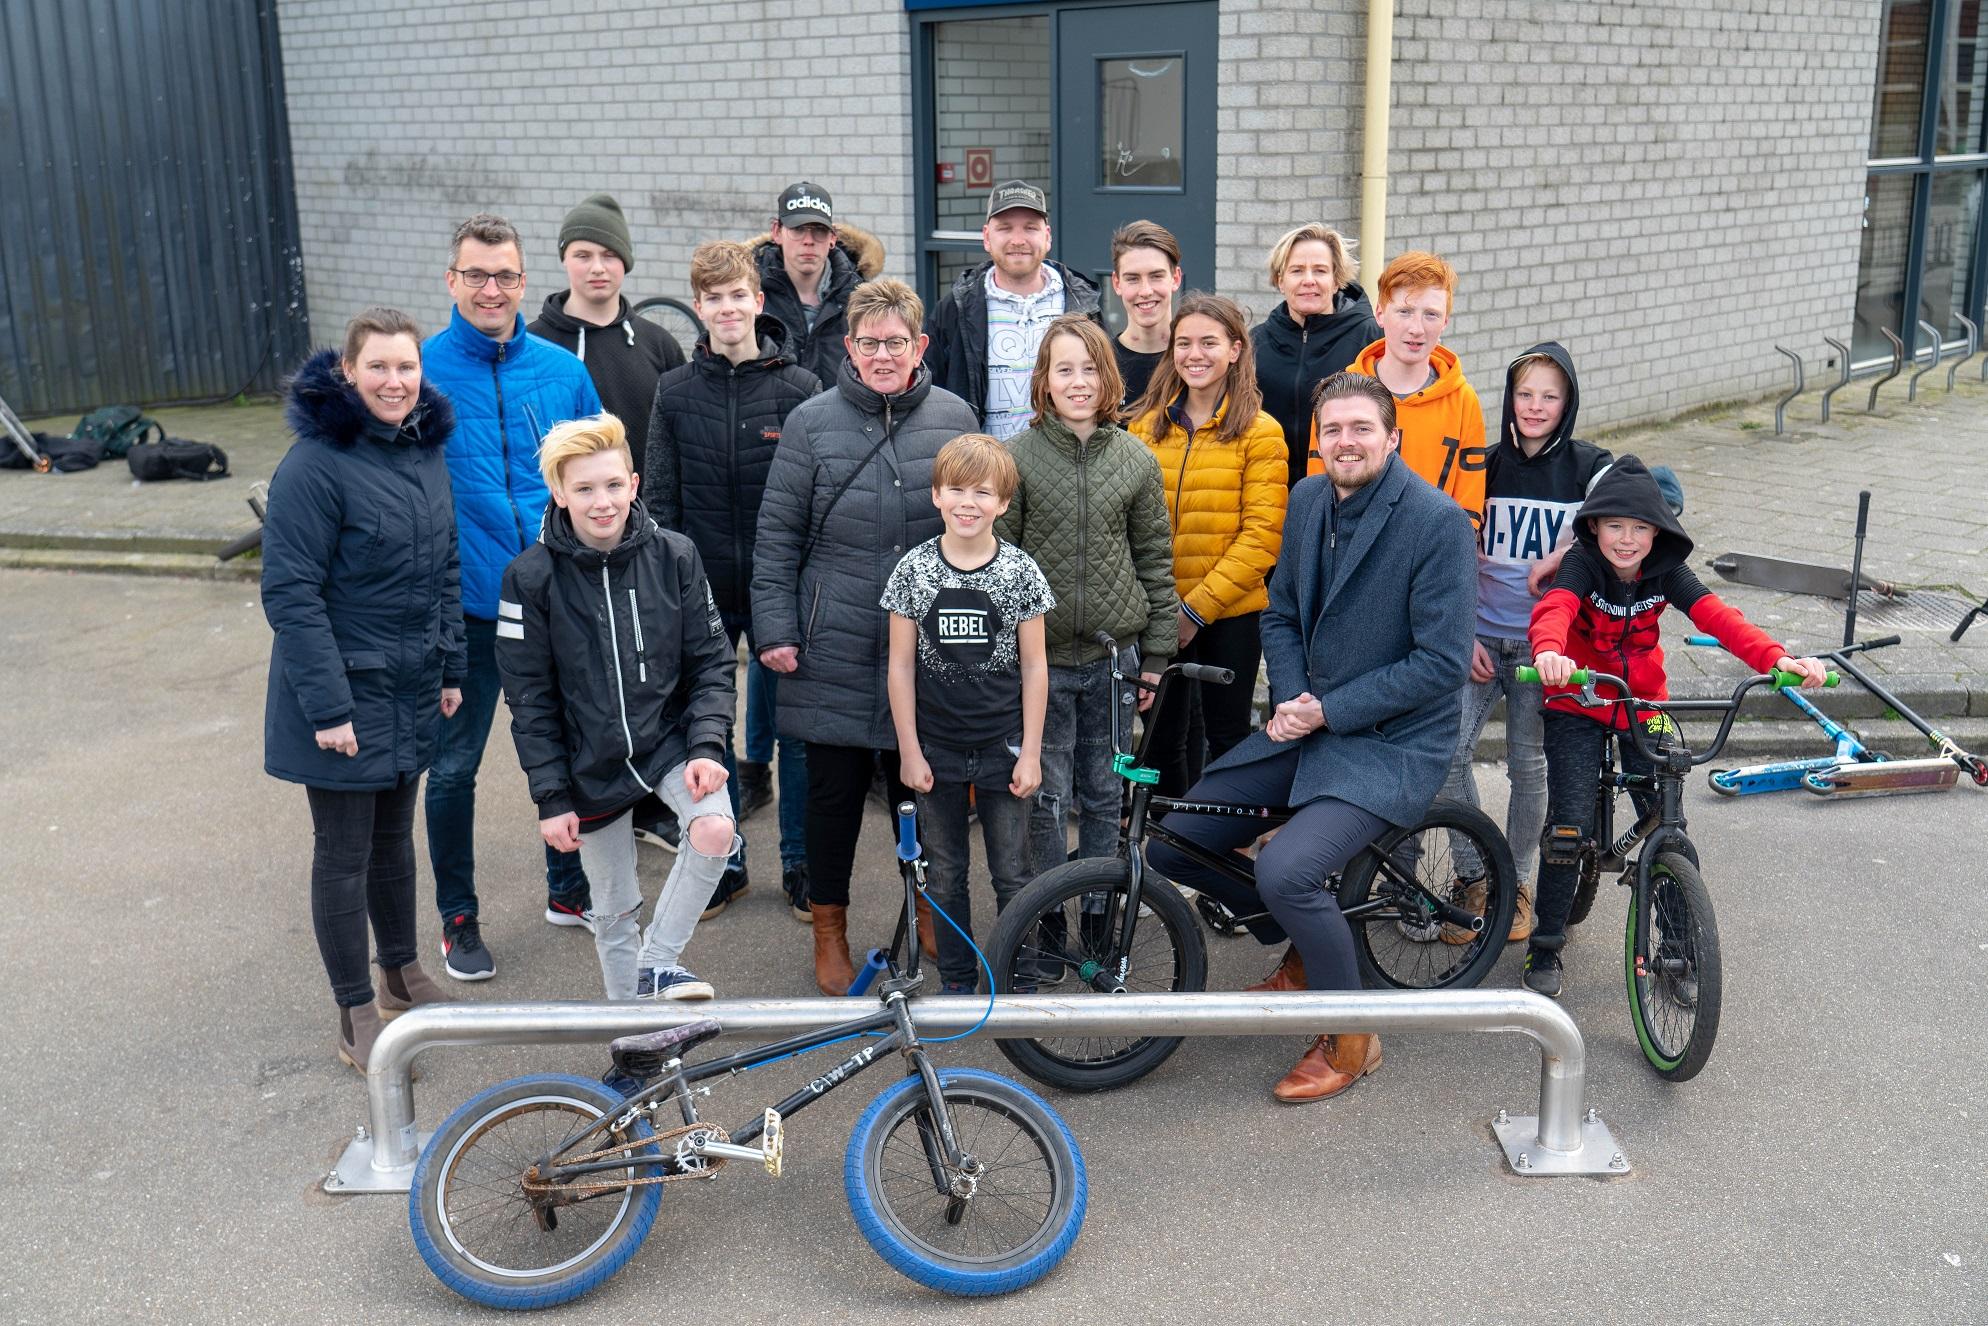 groepsfoto opening rail skatebaan Beilen.jpg